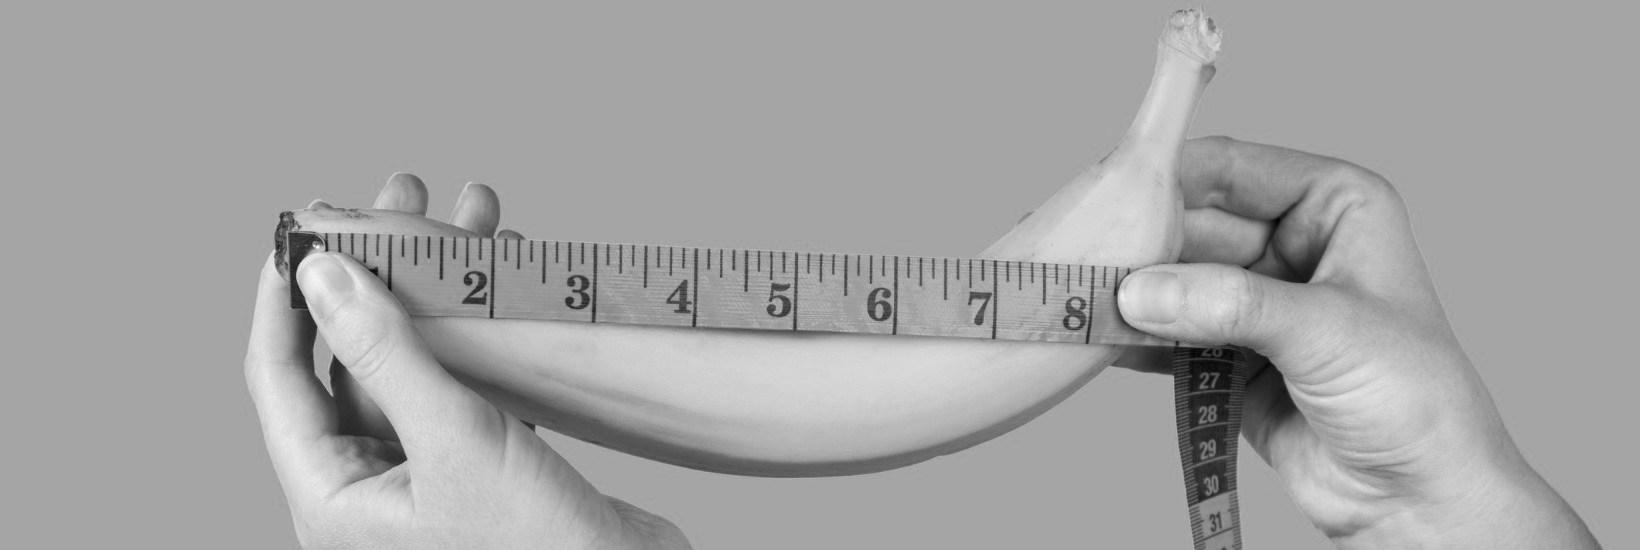 Die Penisgröße der Deutschen